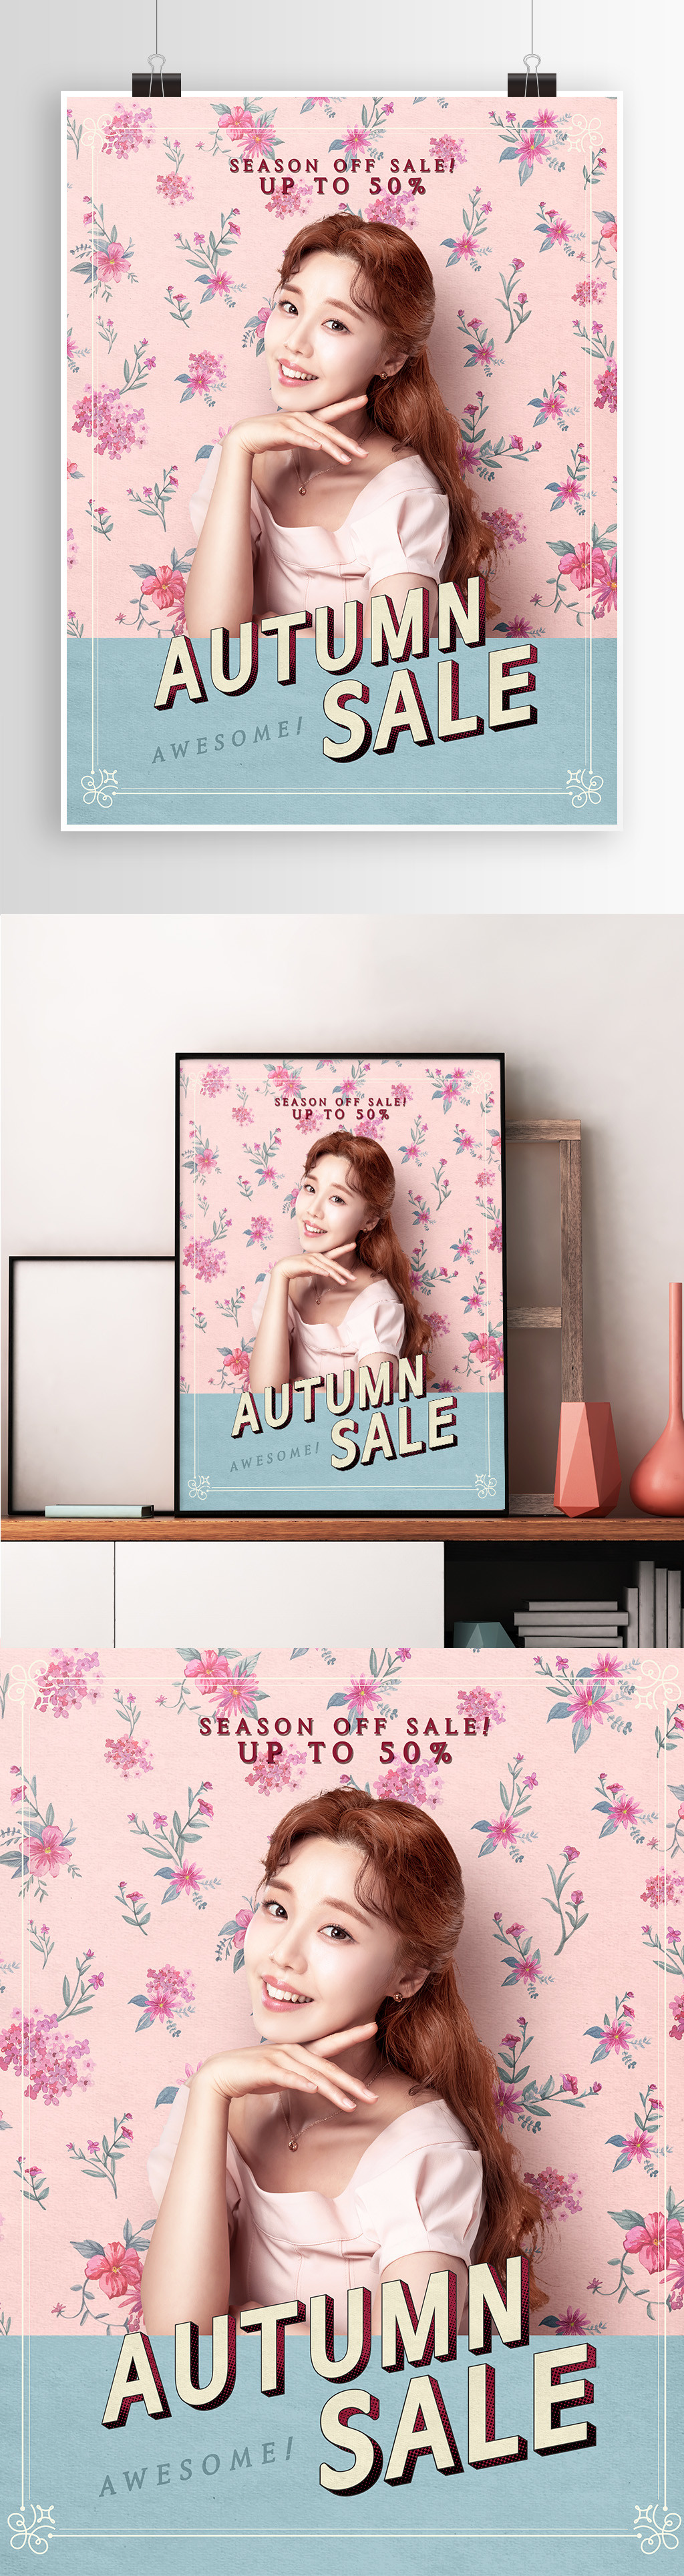 复古风碎花底纹美女促销海报简约字体模板